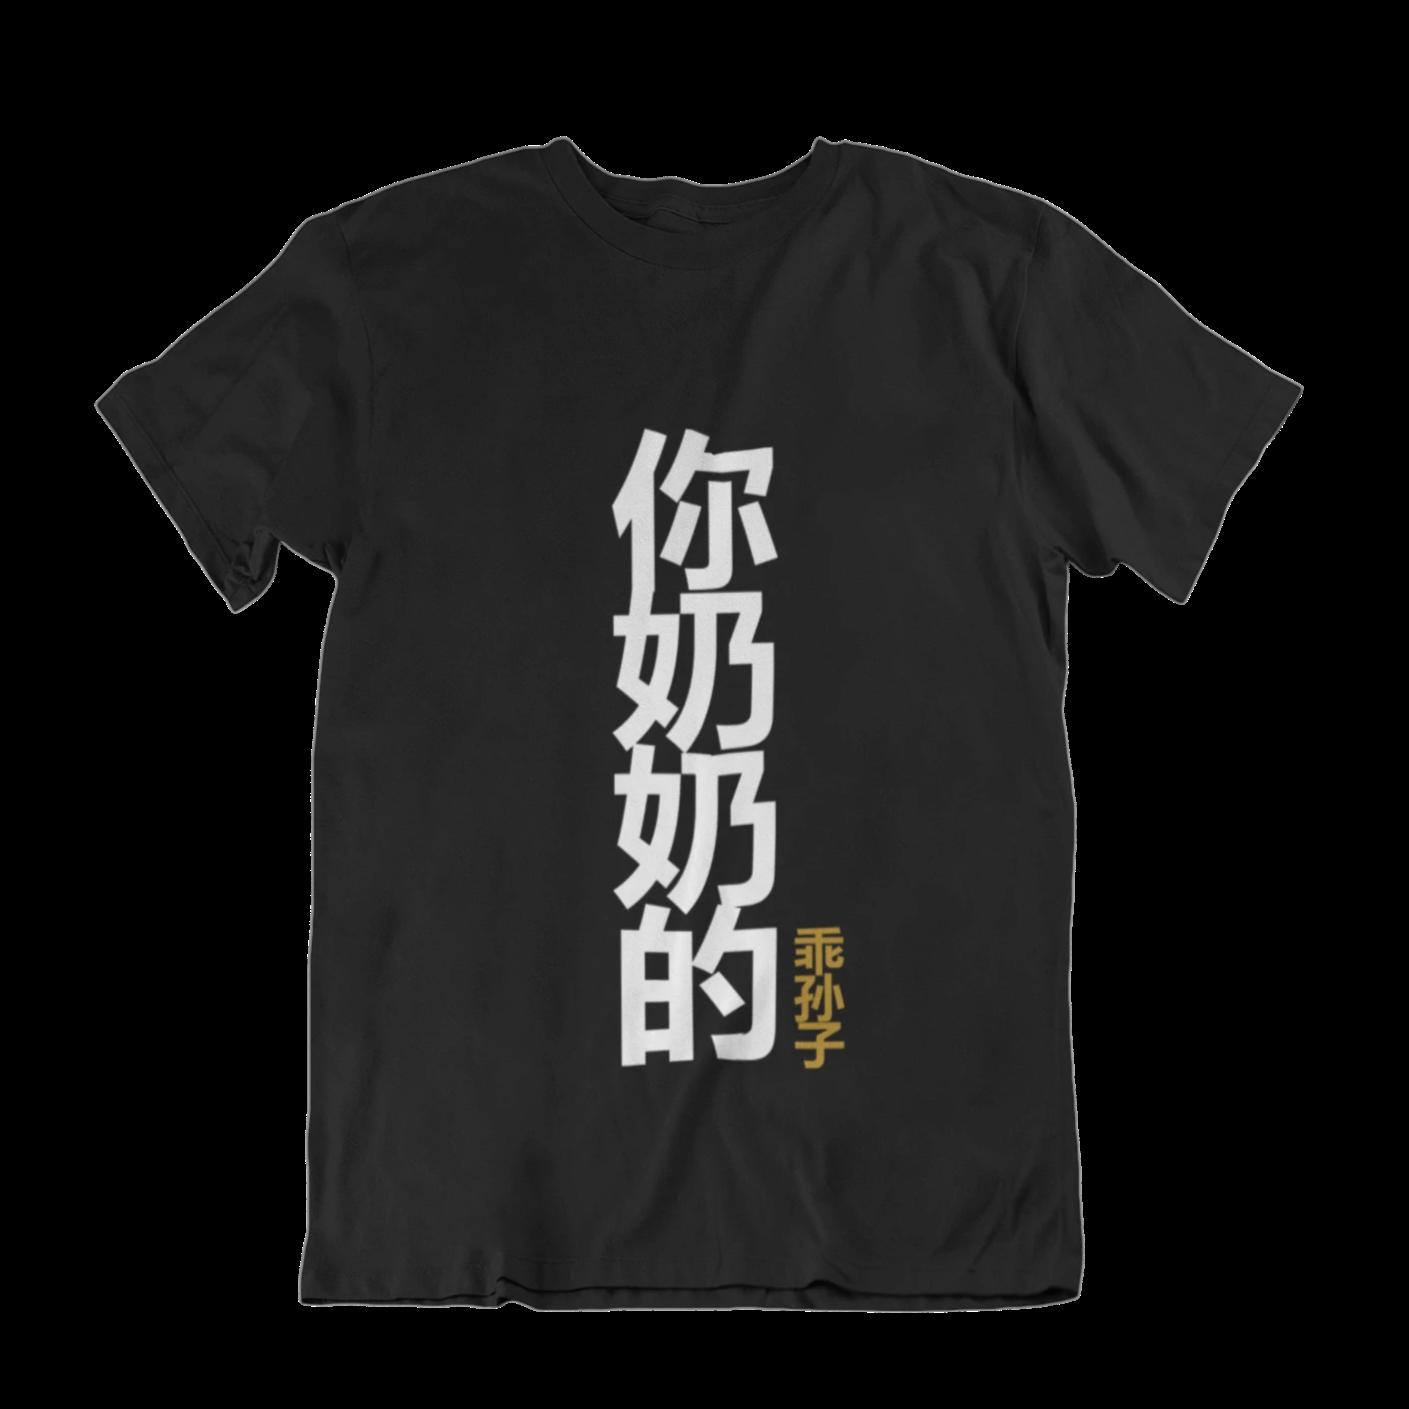 你奶奶的乖孙子 Your Grandmother's Obedient Grandson Crew Neck S-Sleeve T-shirt